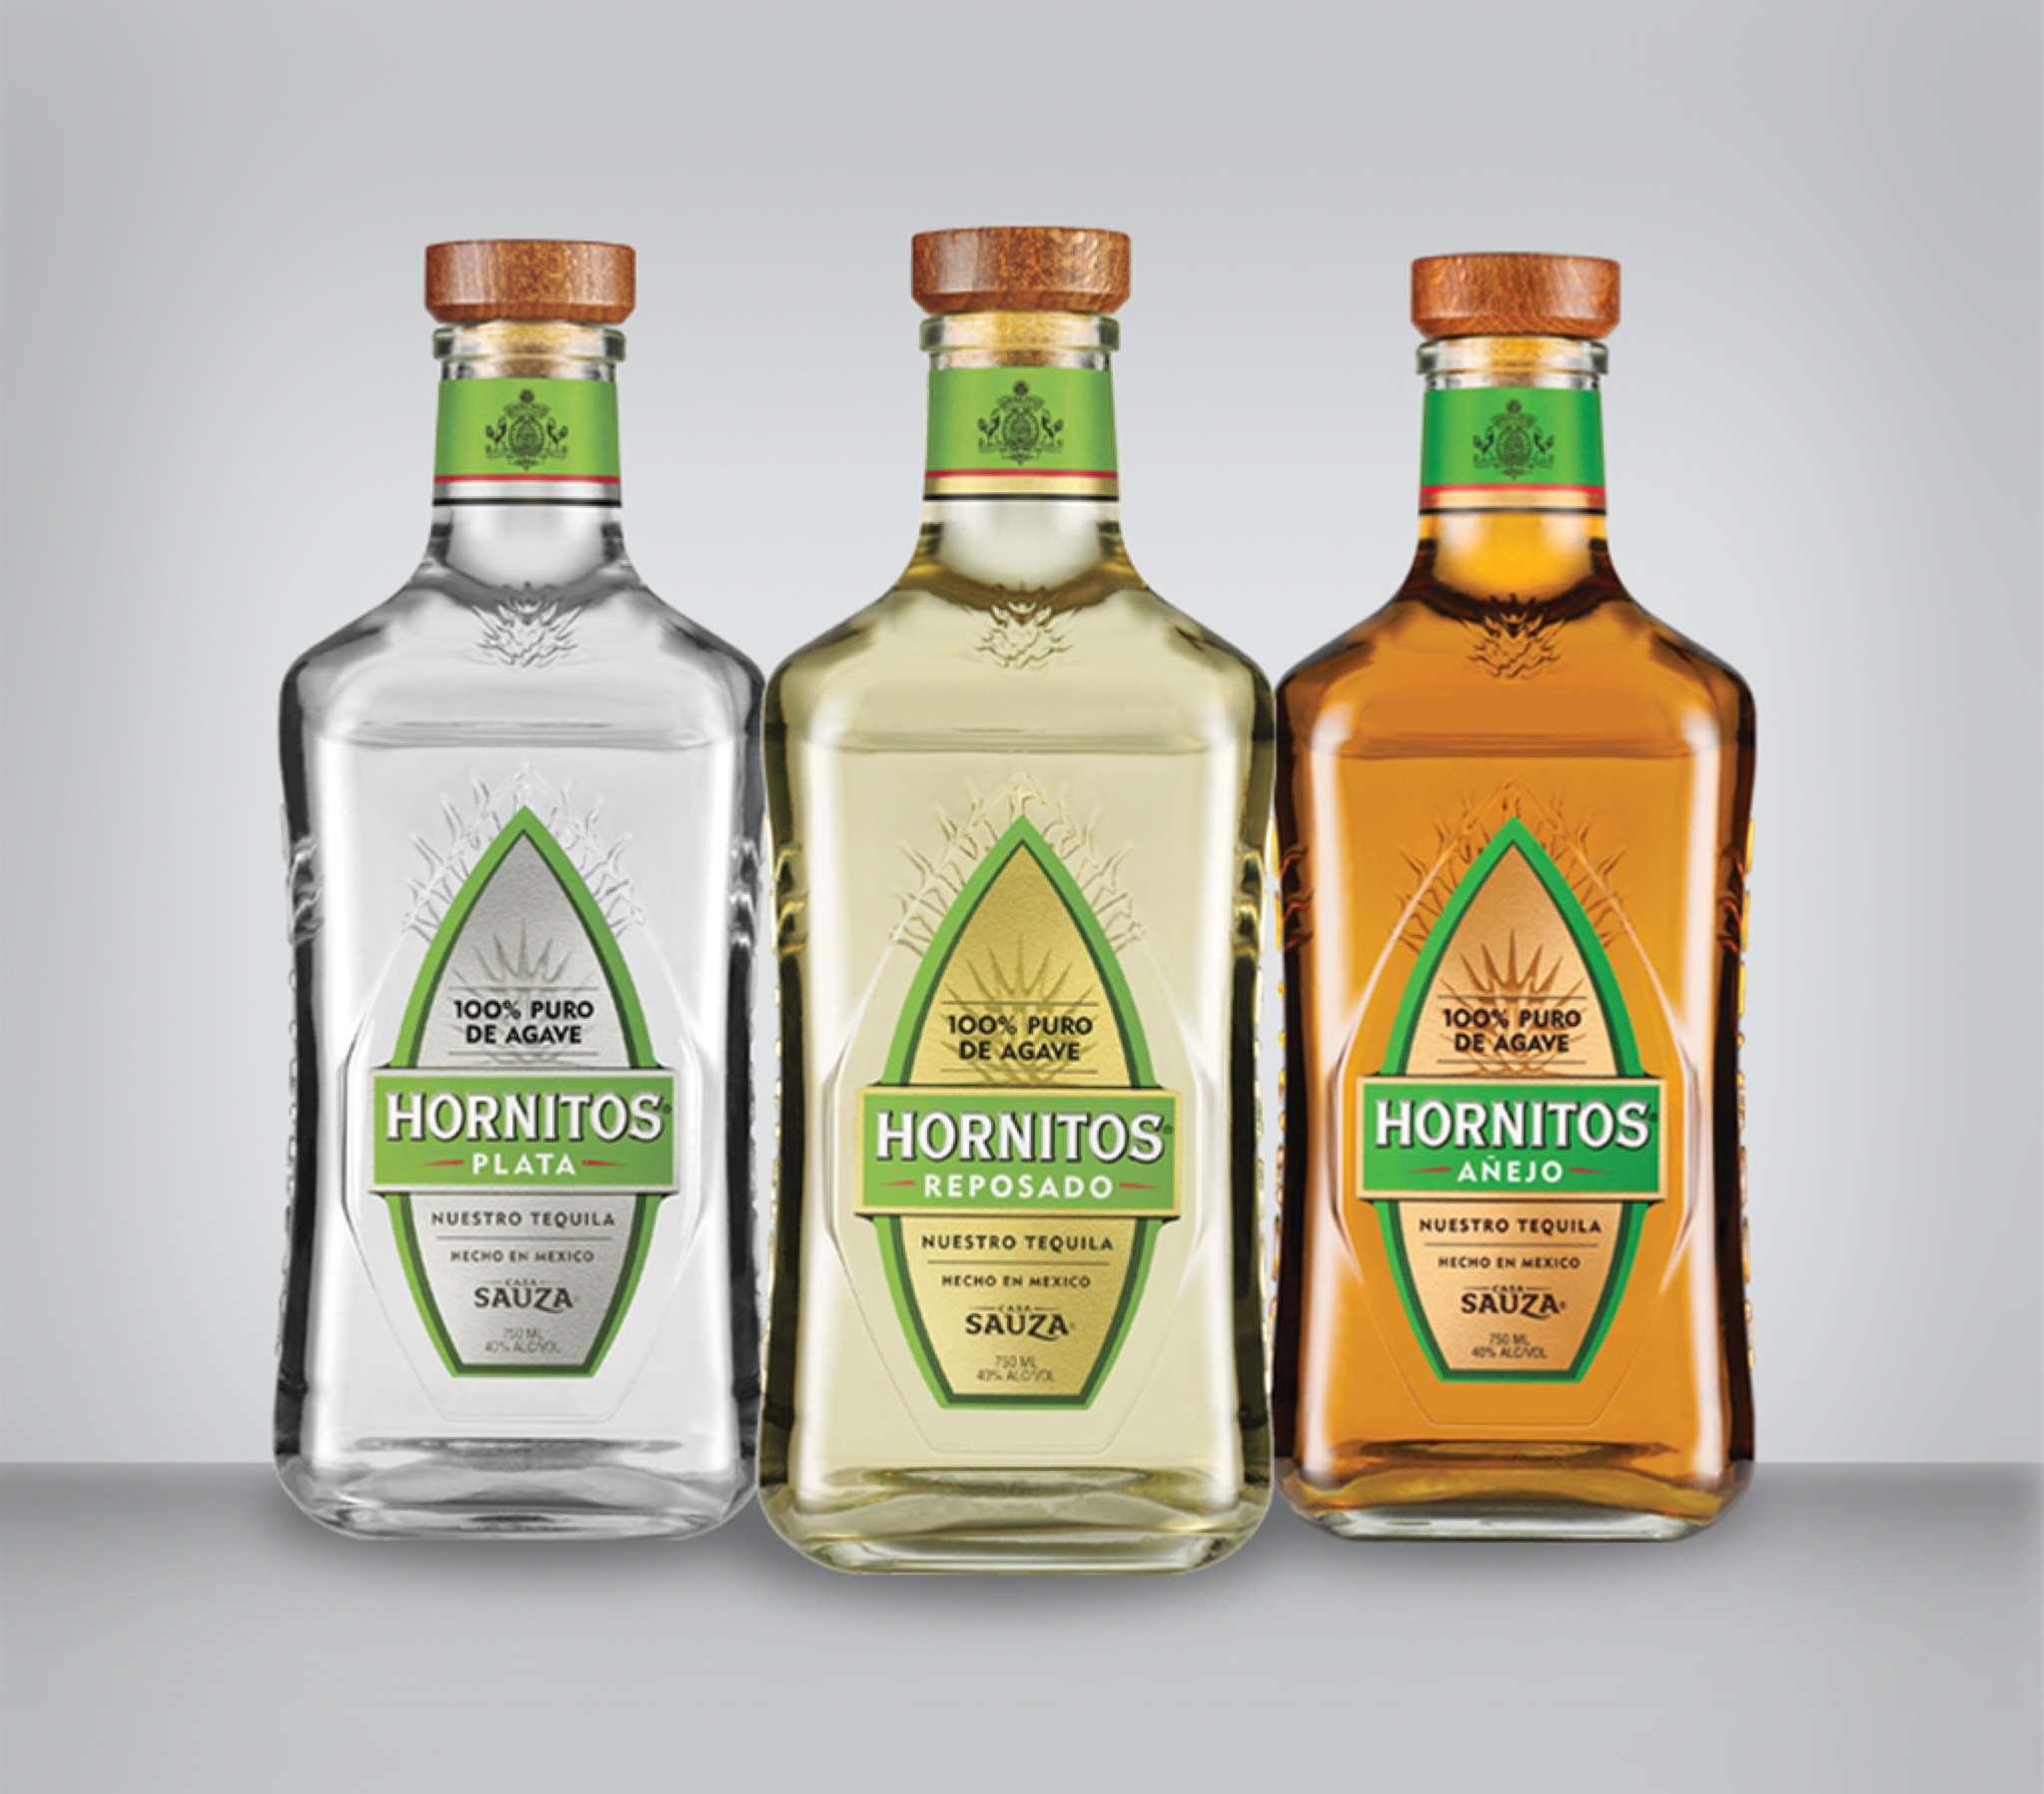 hornitos-family